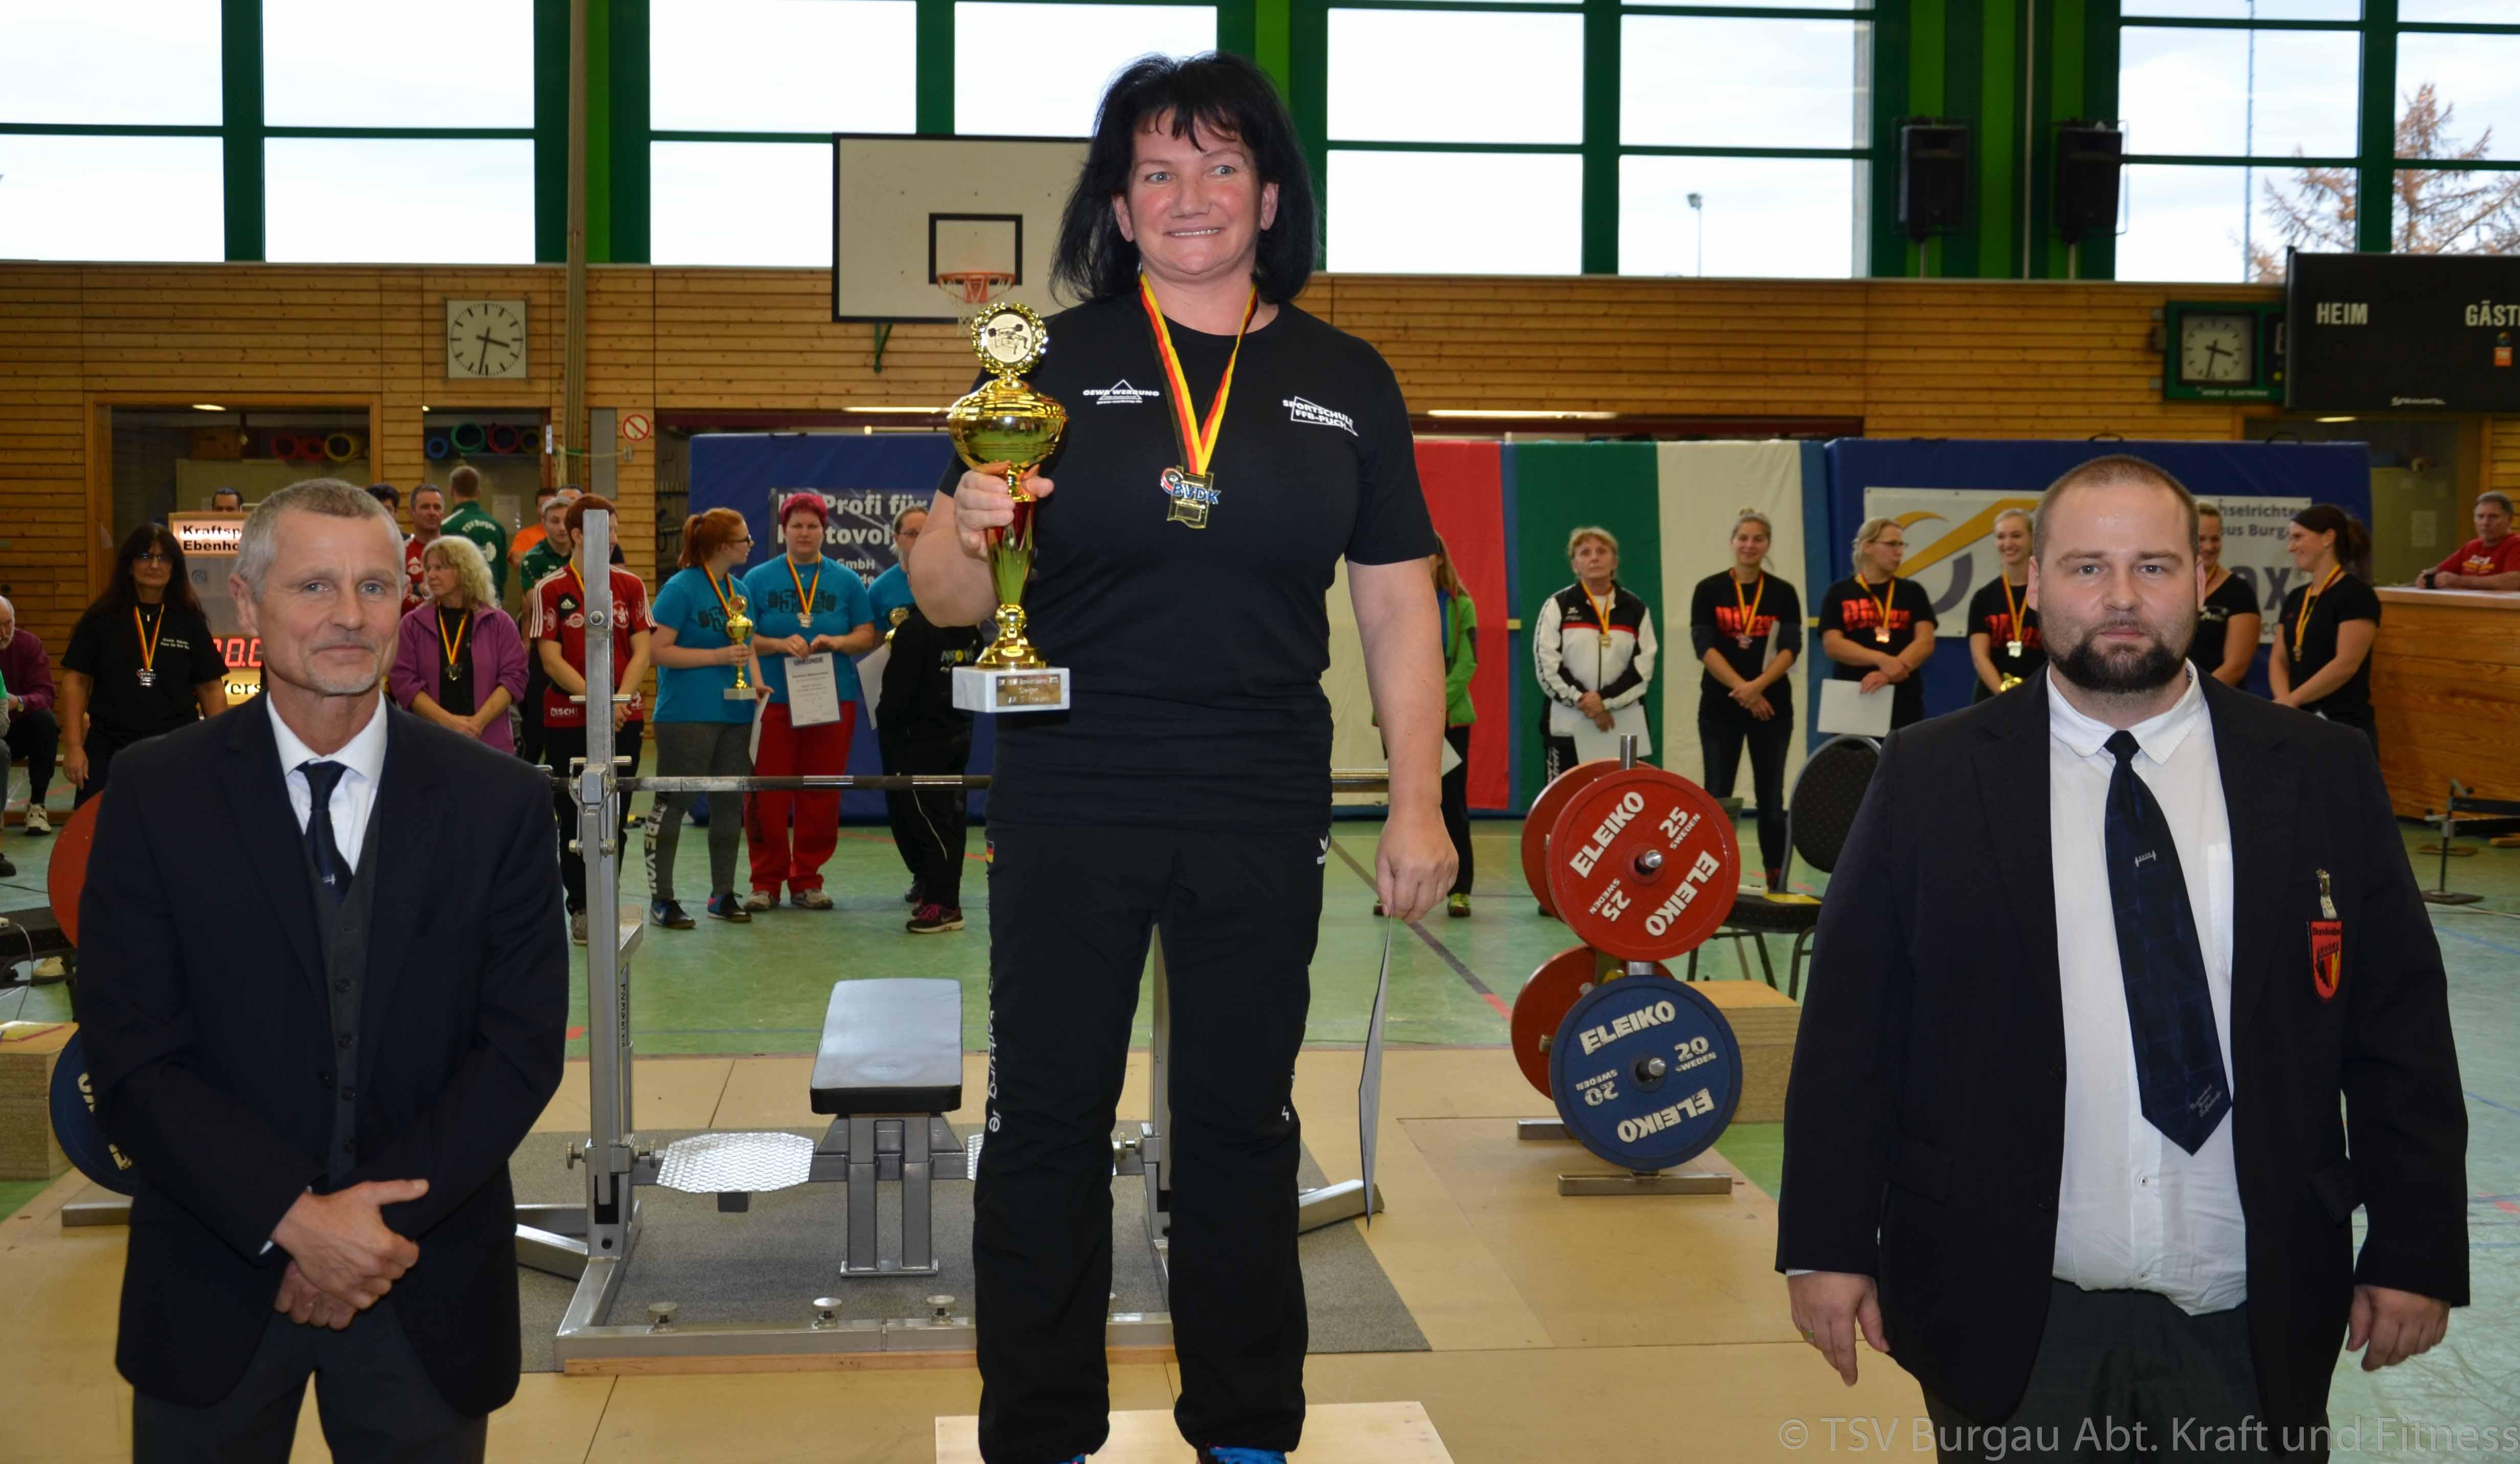 Deutsche Meisterschaft (51 von 187)